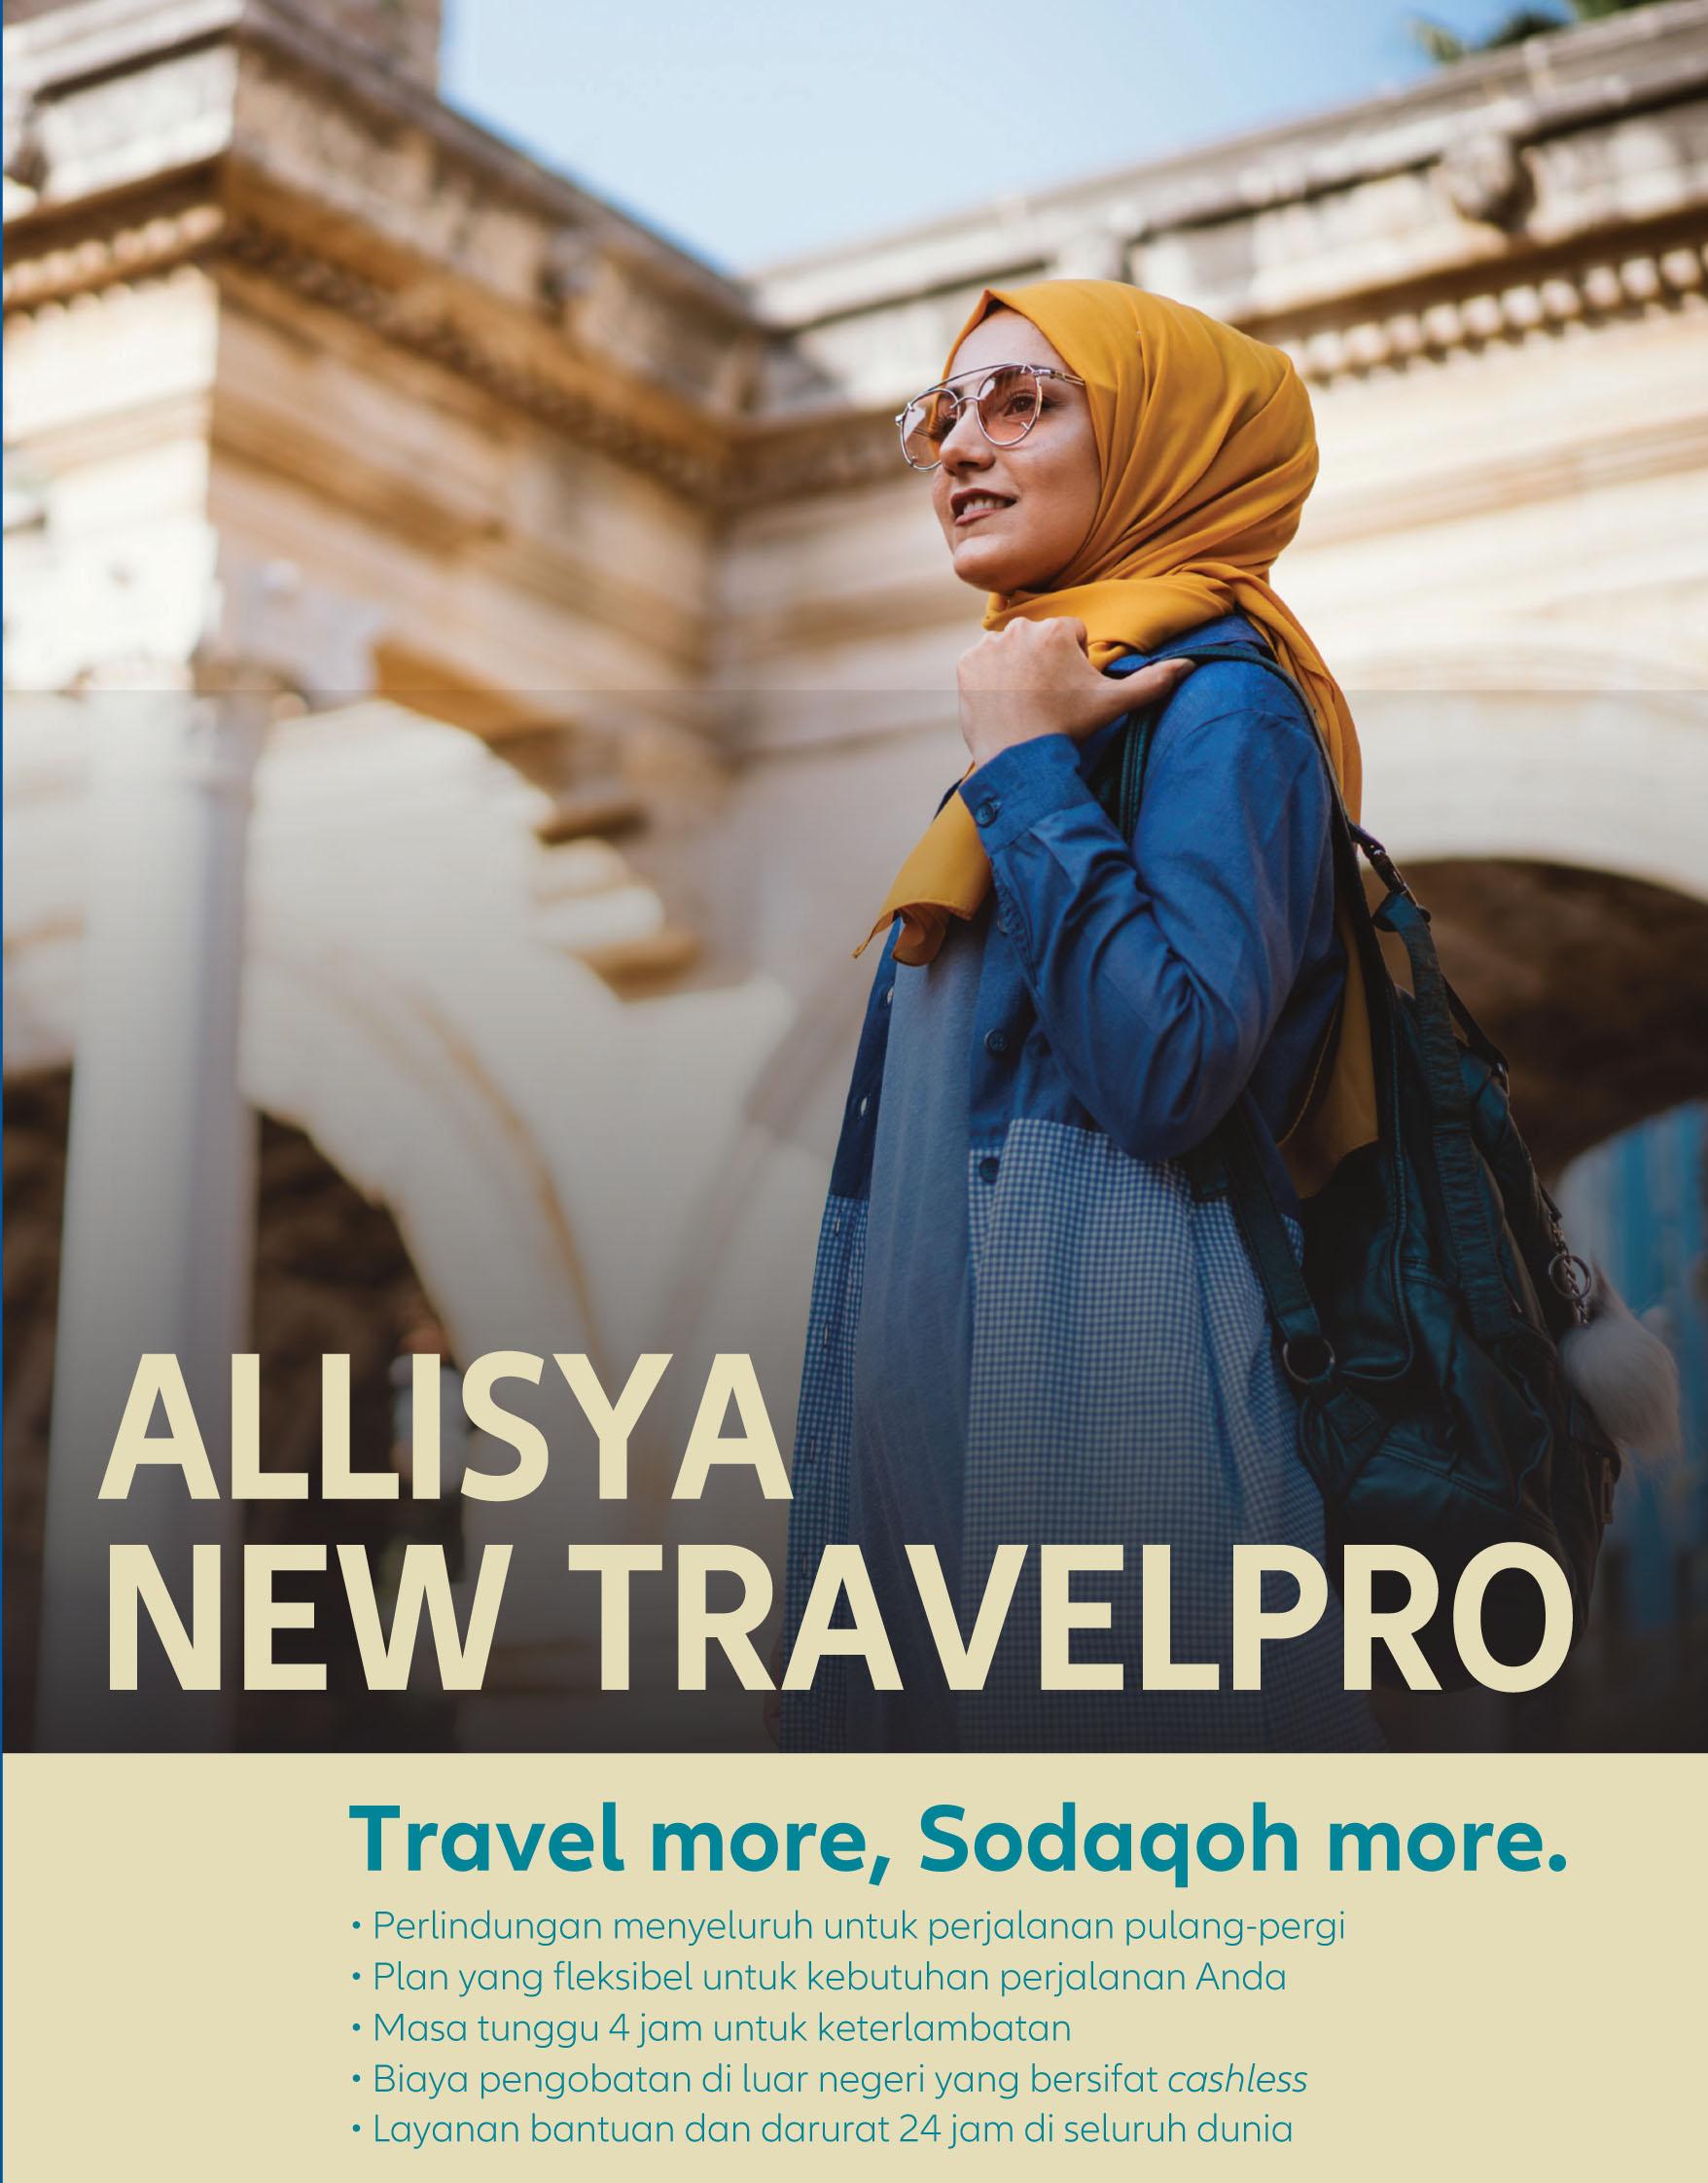 asuransi perjalanan syariah allianz allisya travelpro